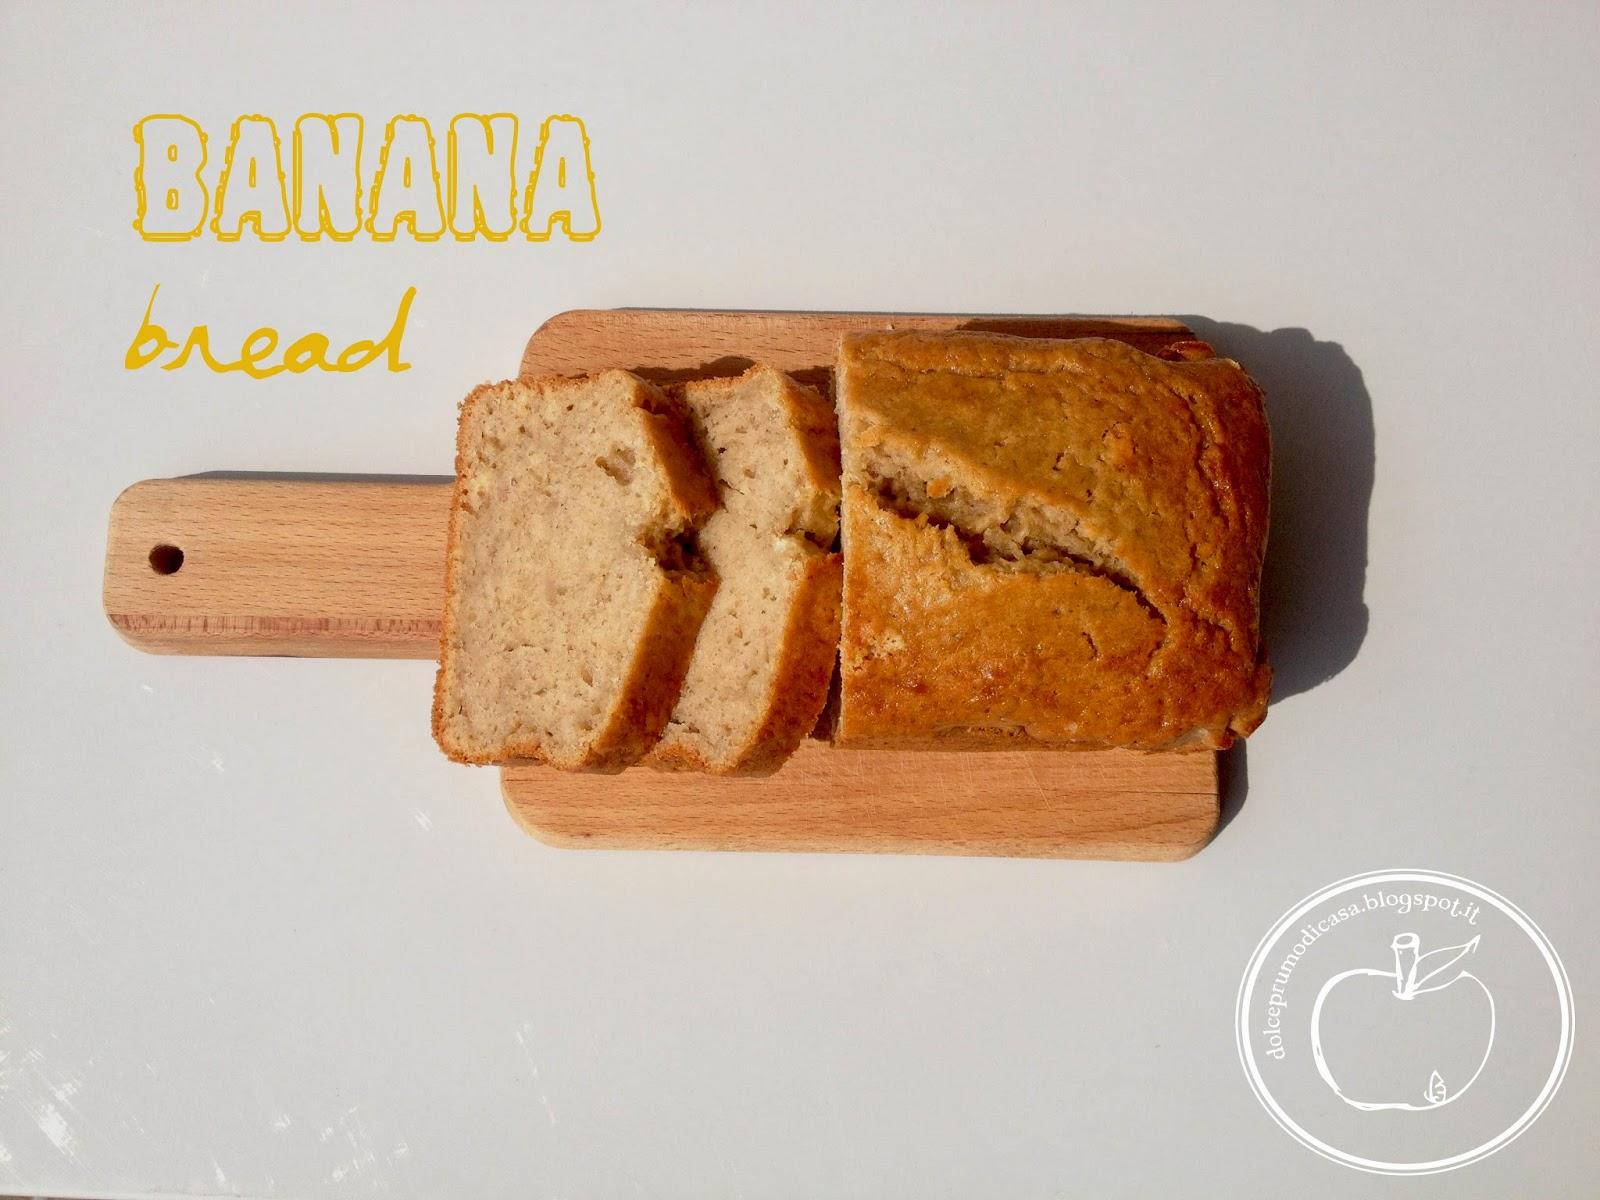 ...e banana bread sia!